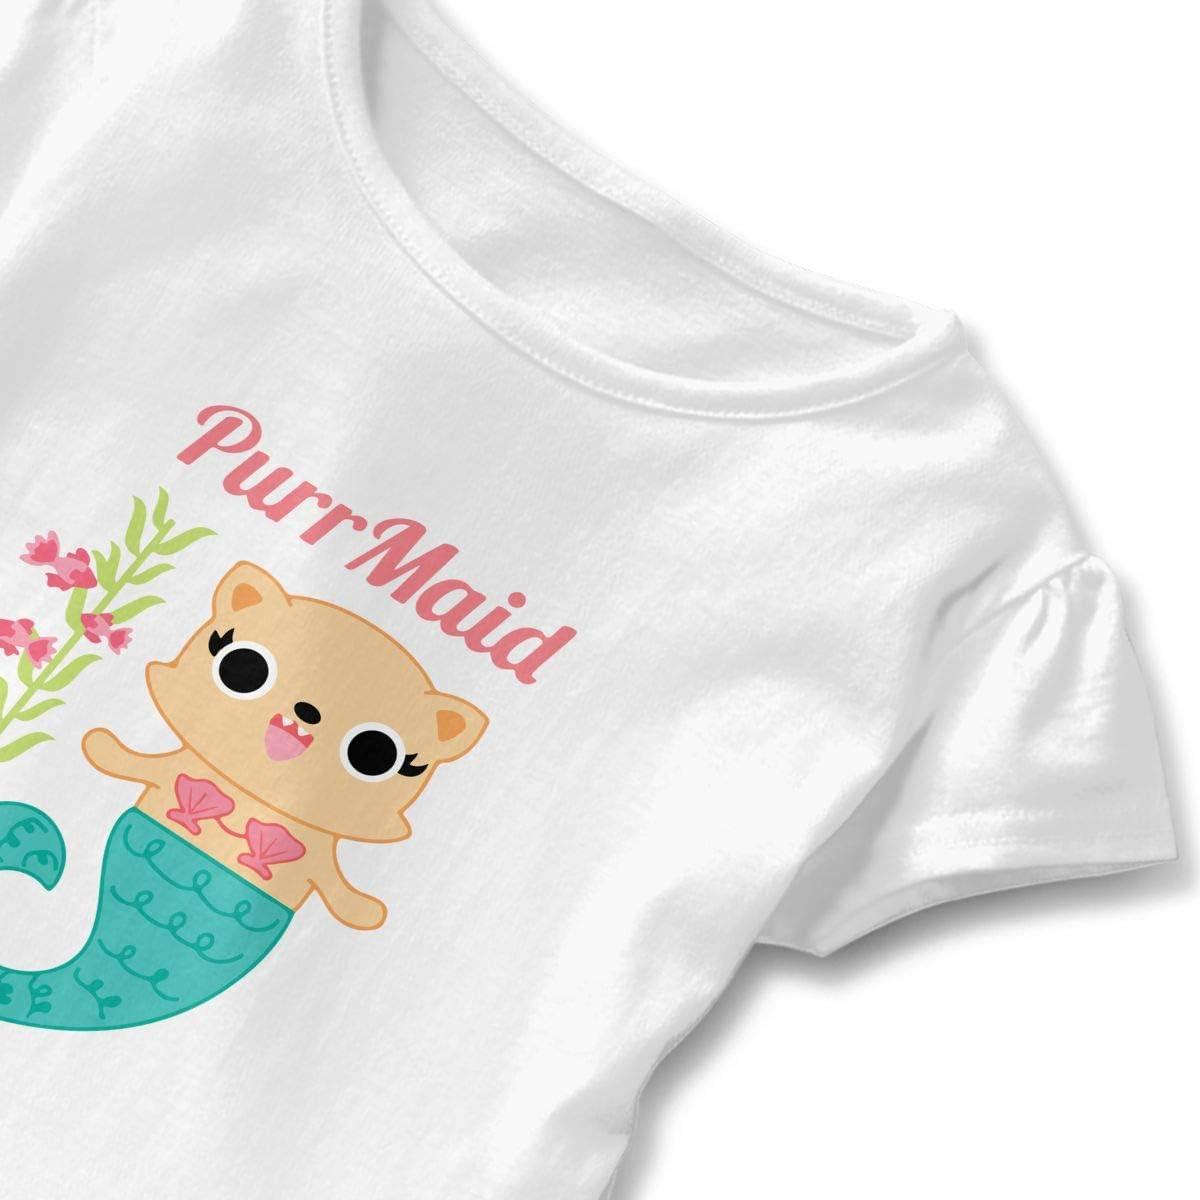 Cheng Jian Bo PurrMaid by Boredinc Toddler Girls T Shirt Kids Cotton Short Sleeve Ruffle Tee